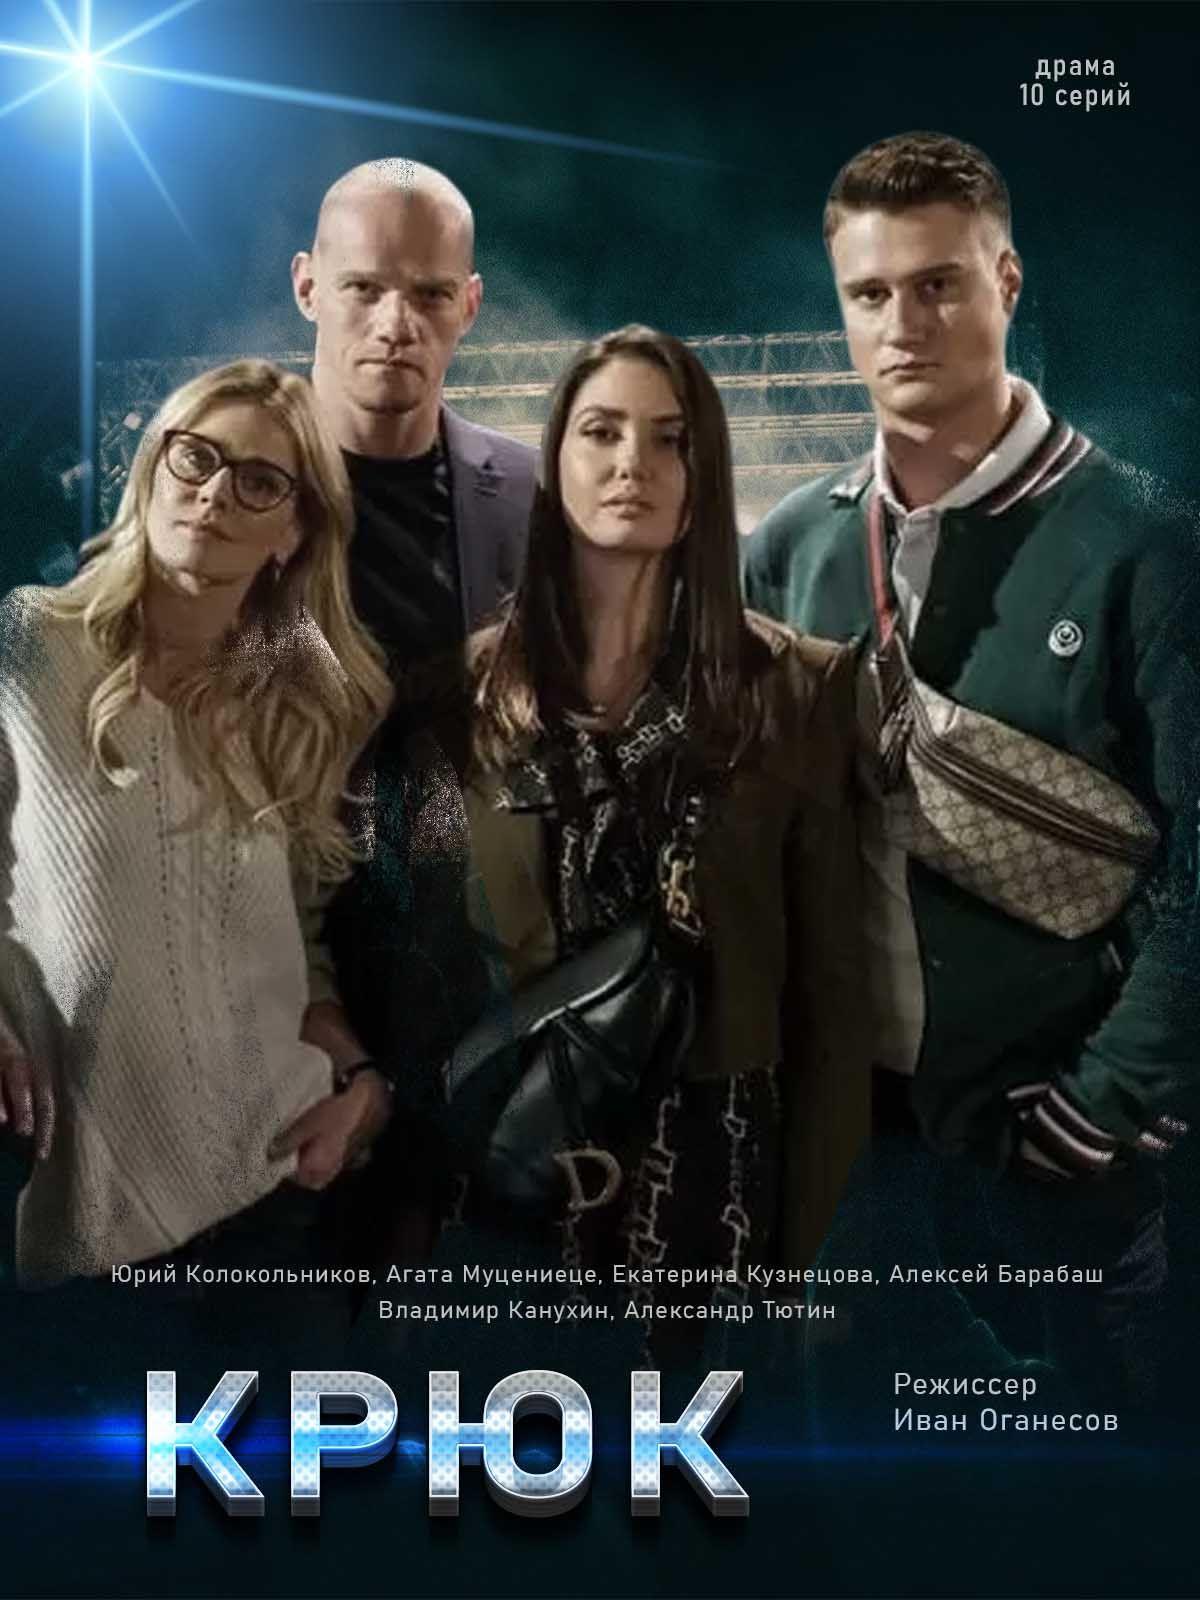 Kryuk 2021 10 Serij Detektivnyj Film Horoshie Filmy Voennyj Film